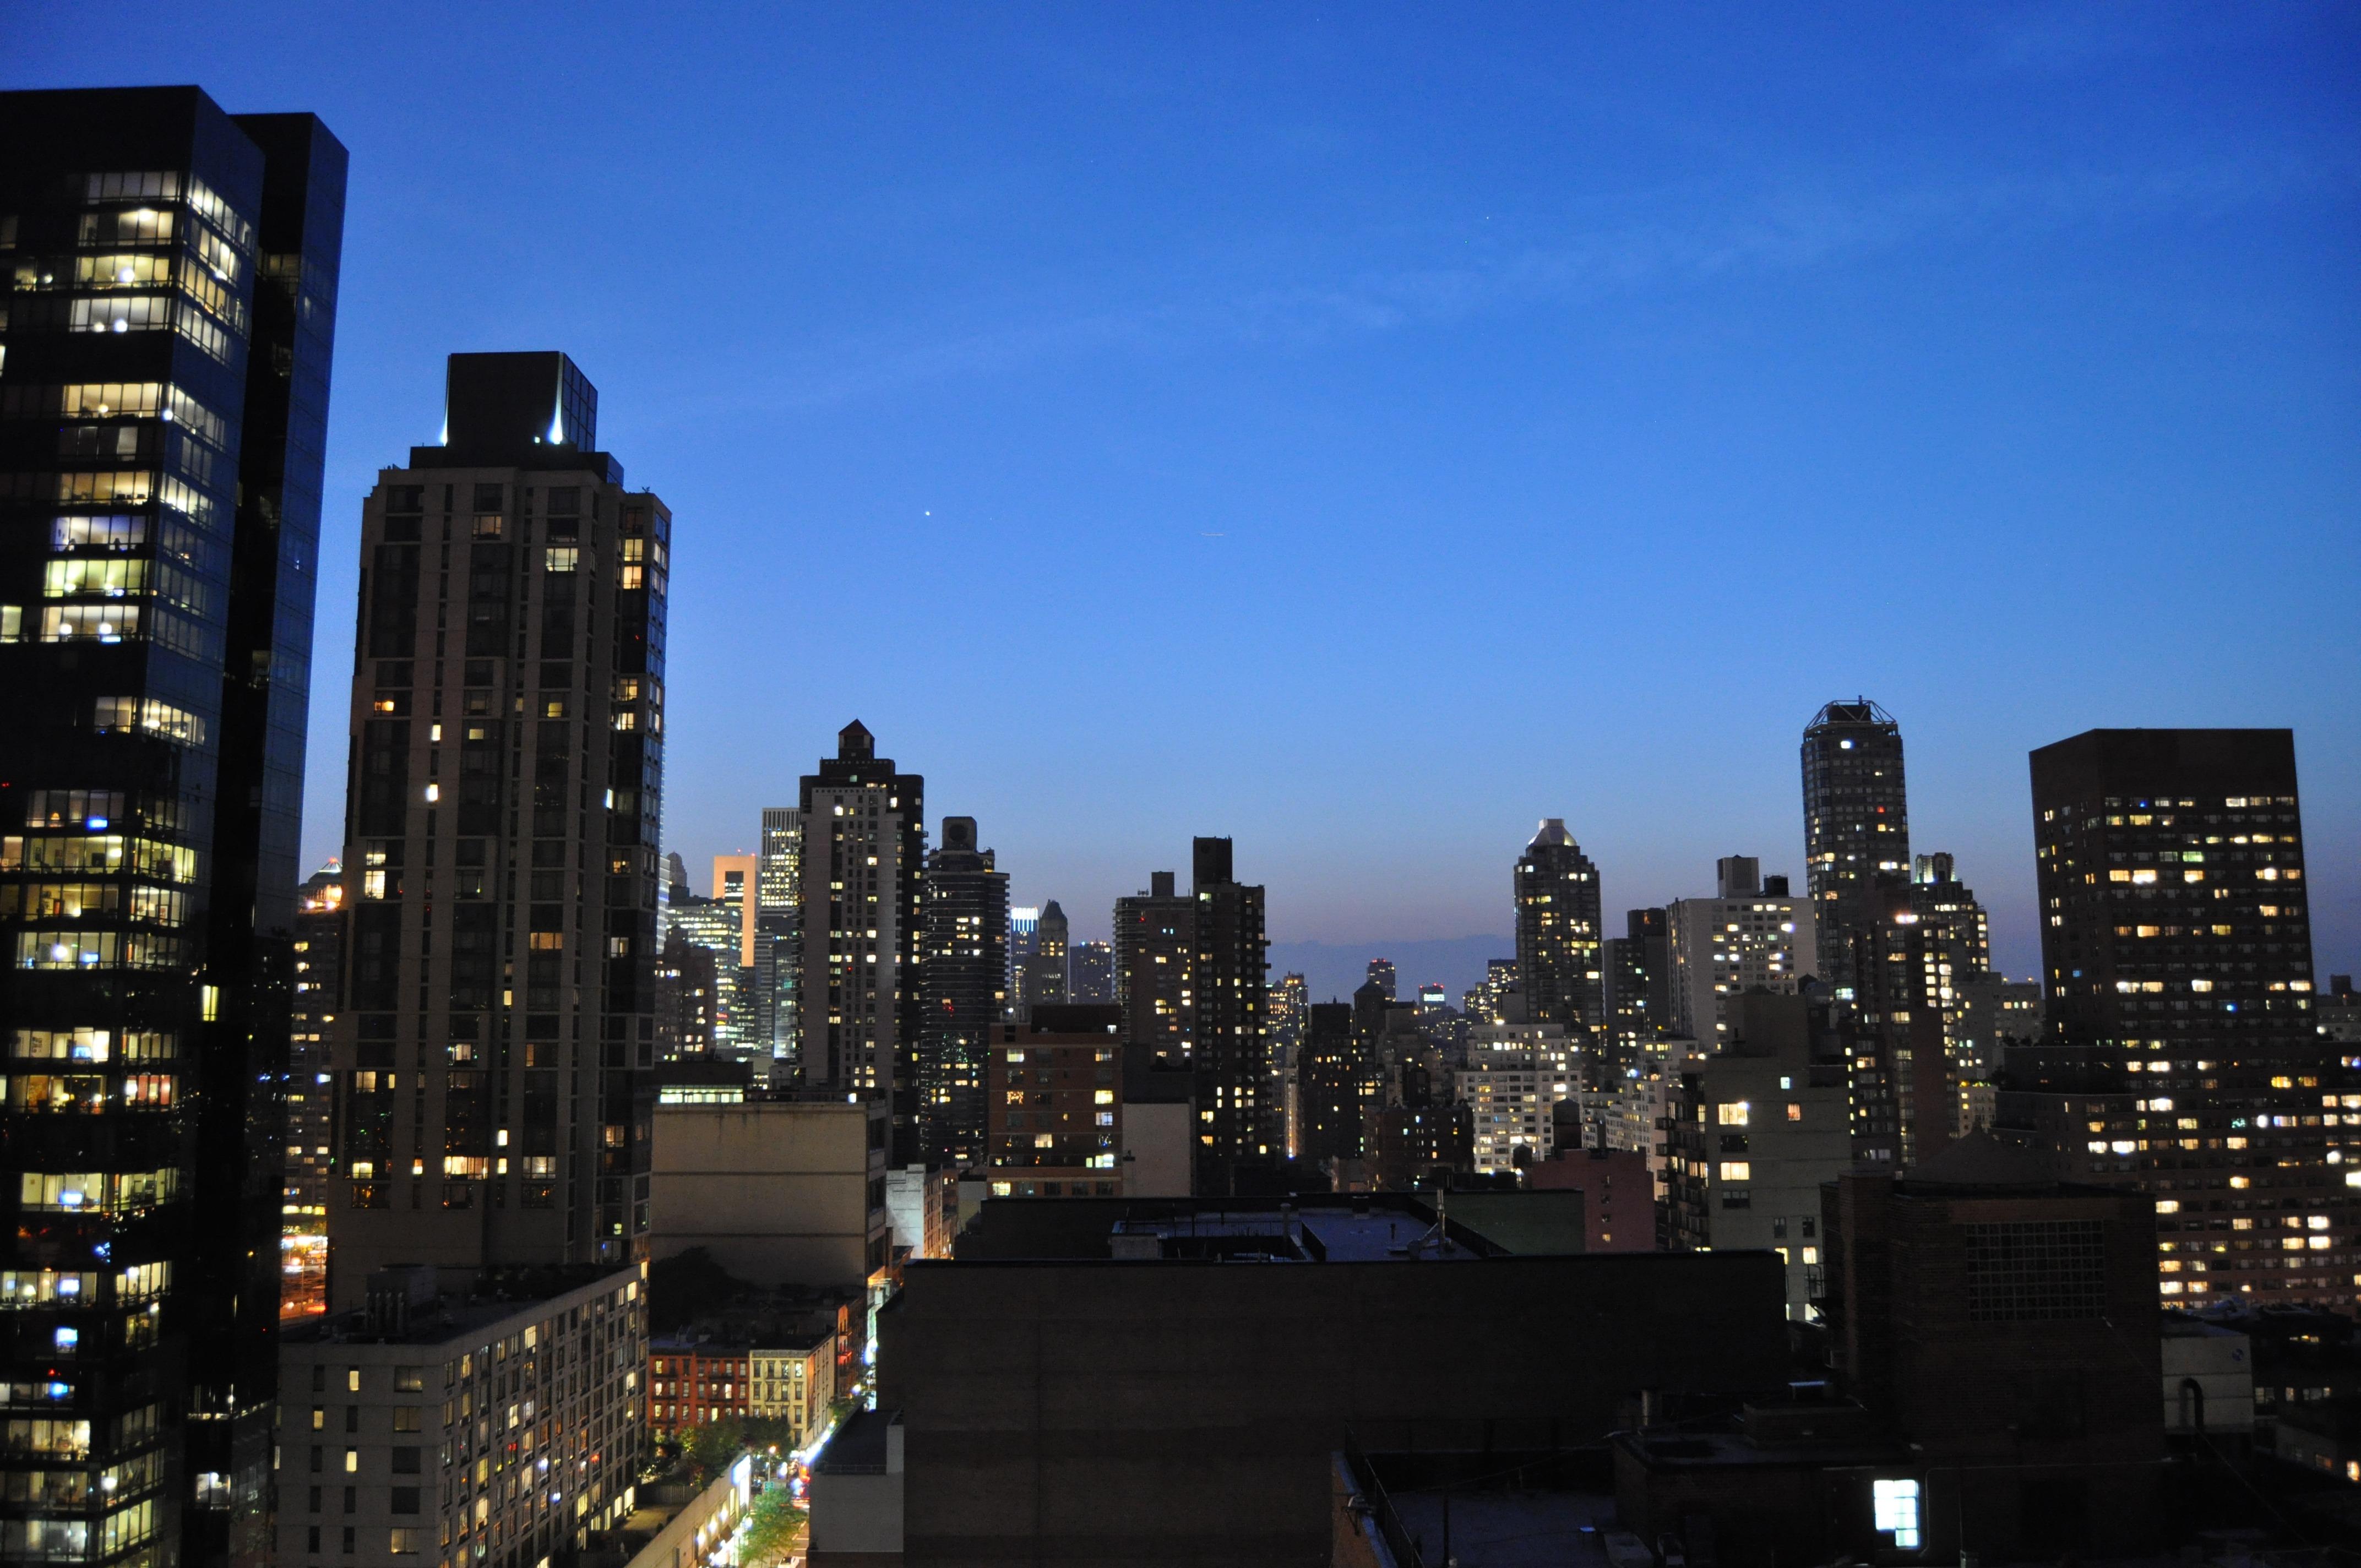 rascacielos nueva york manhattan paisaje urbano centro de la ciudad oscuridad punto de referencia bloque de pisos rascacielos nuevo metrpoli